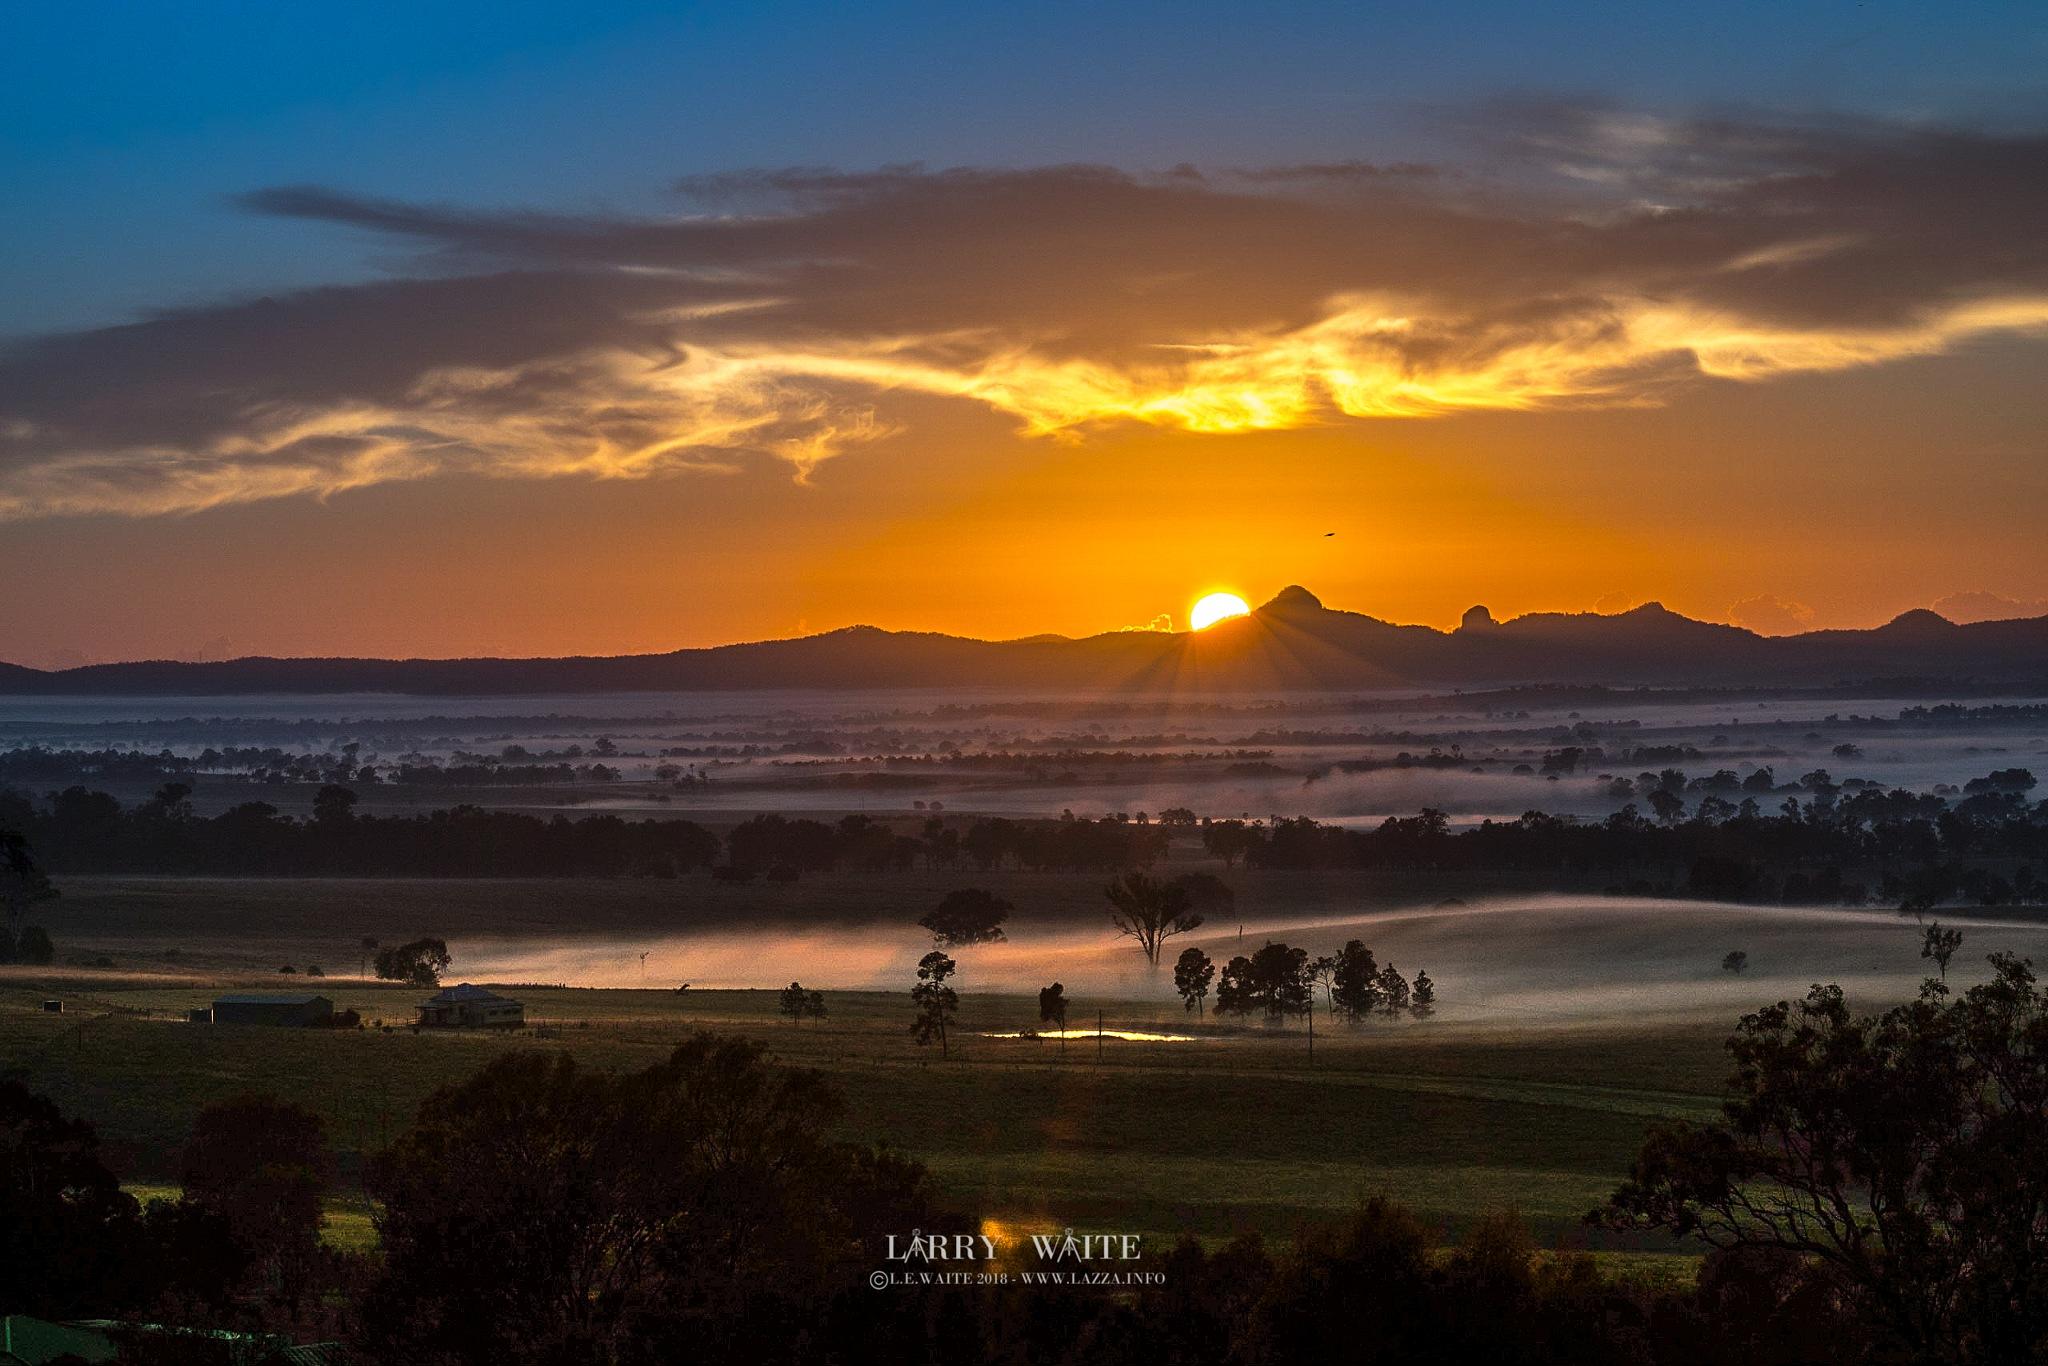 'Sunrise Sensation' by Larry Waite